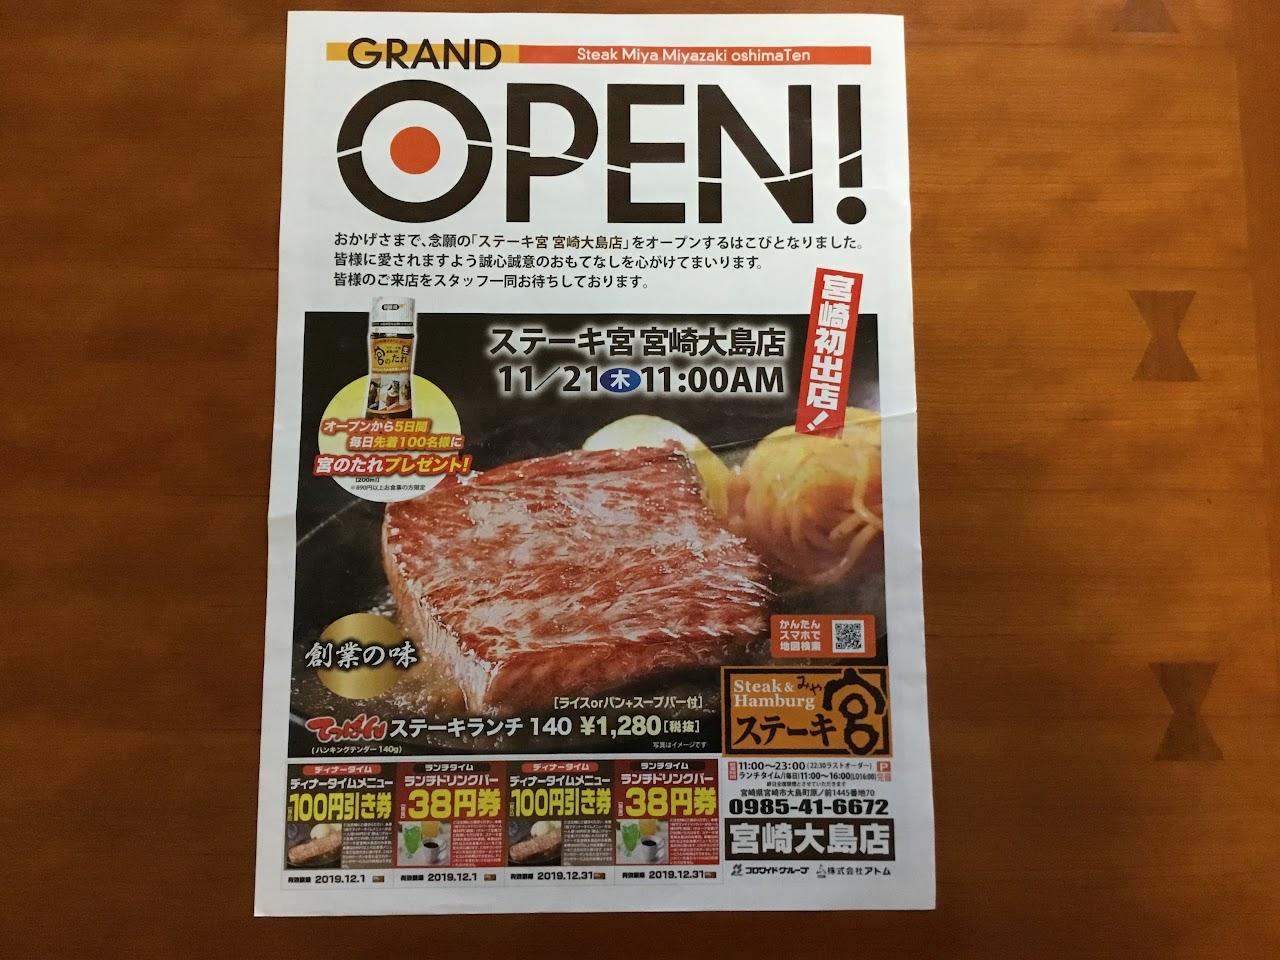 ステーキ宮 宮崎大島店オープンしたらしい。こういうステーキ屋さんは、今後増えるのか?